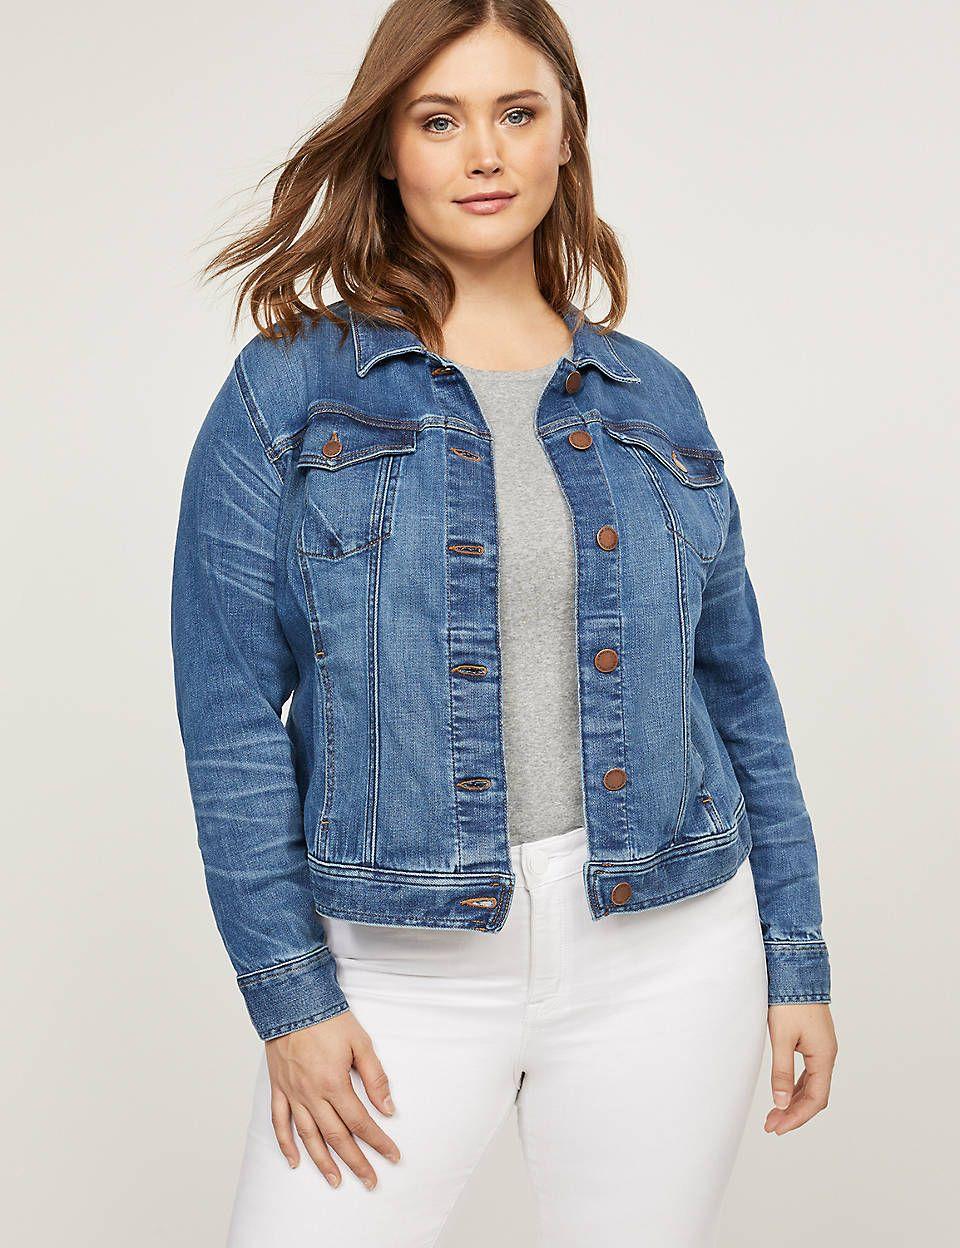 Default Cacique Plus Size Workwear Denim Jacket Plus Size [ 1248 x 960 Pixel ]